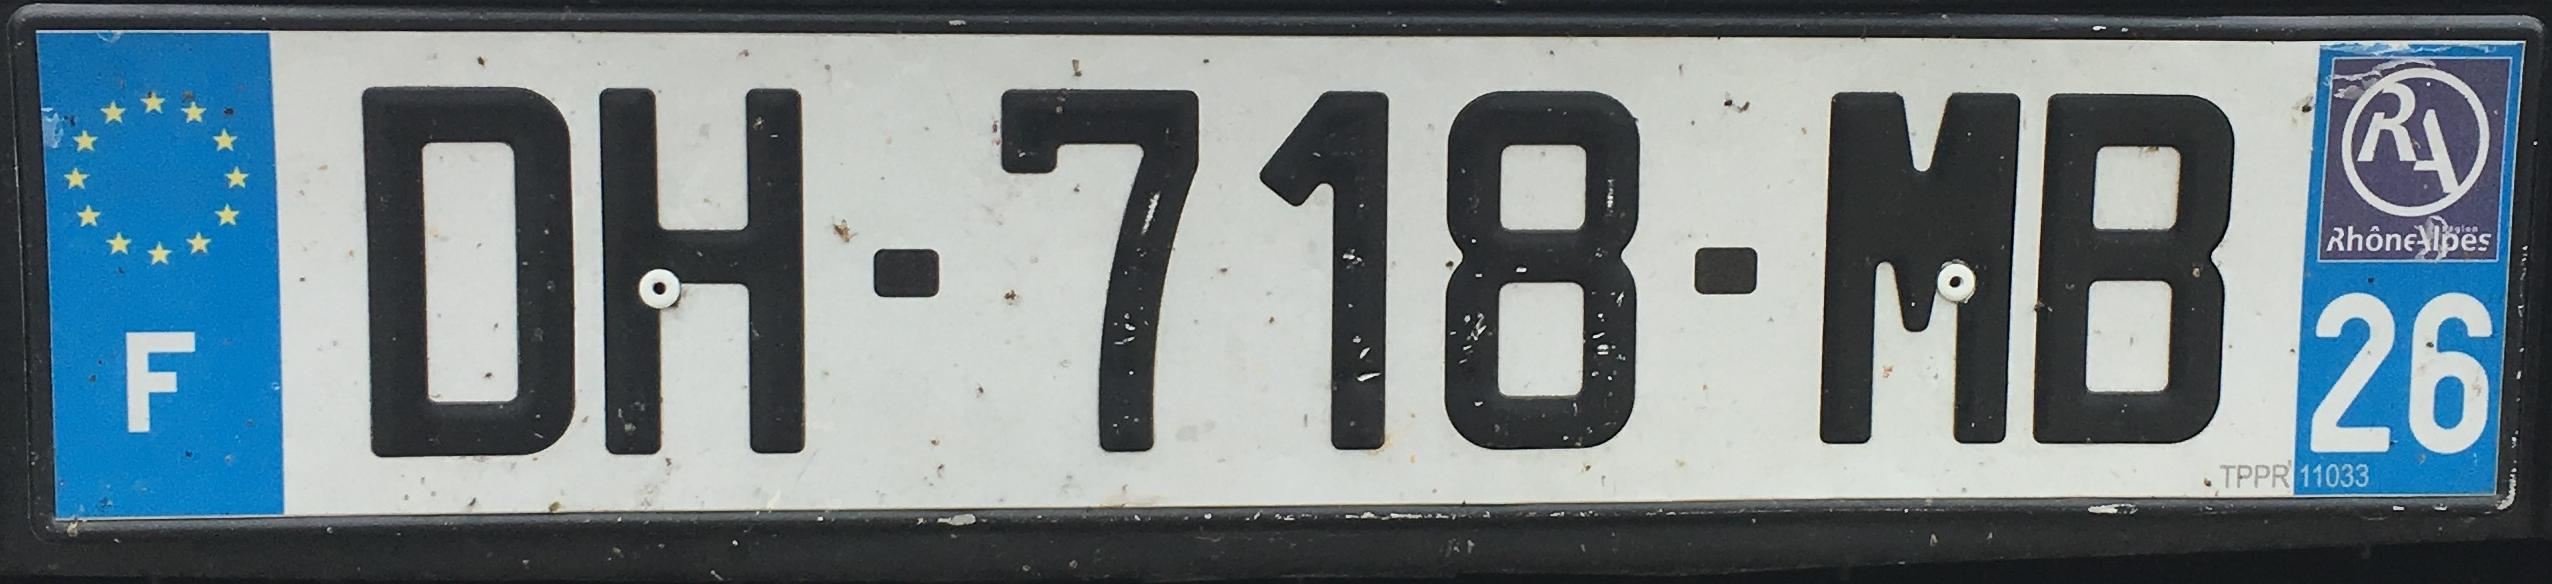 Francouzská registrační značka – 26 - Drôme, foto: www.podalnici.cz